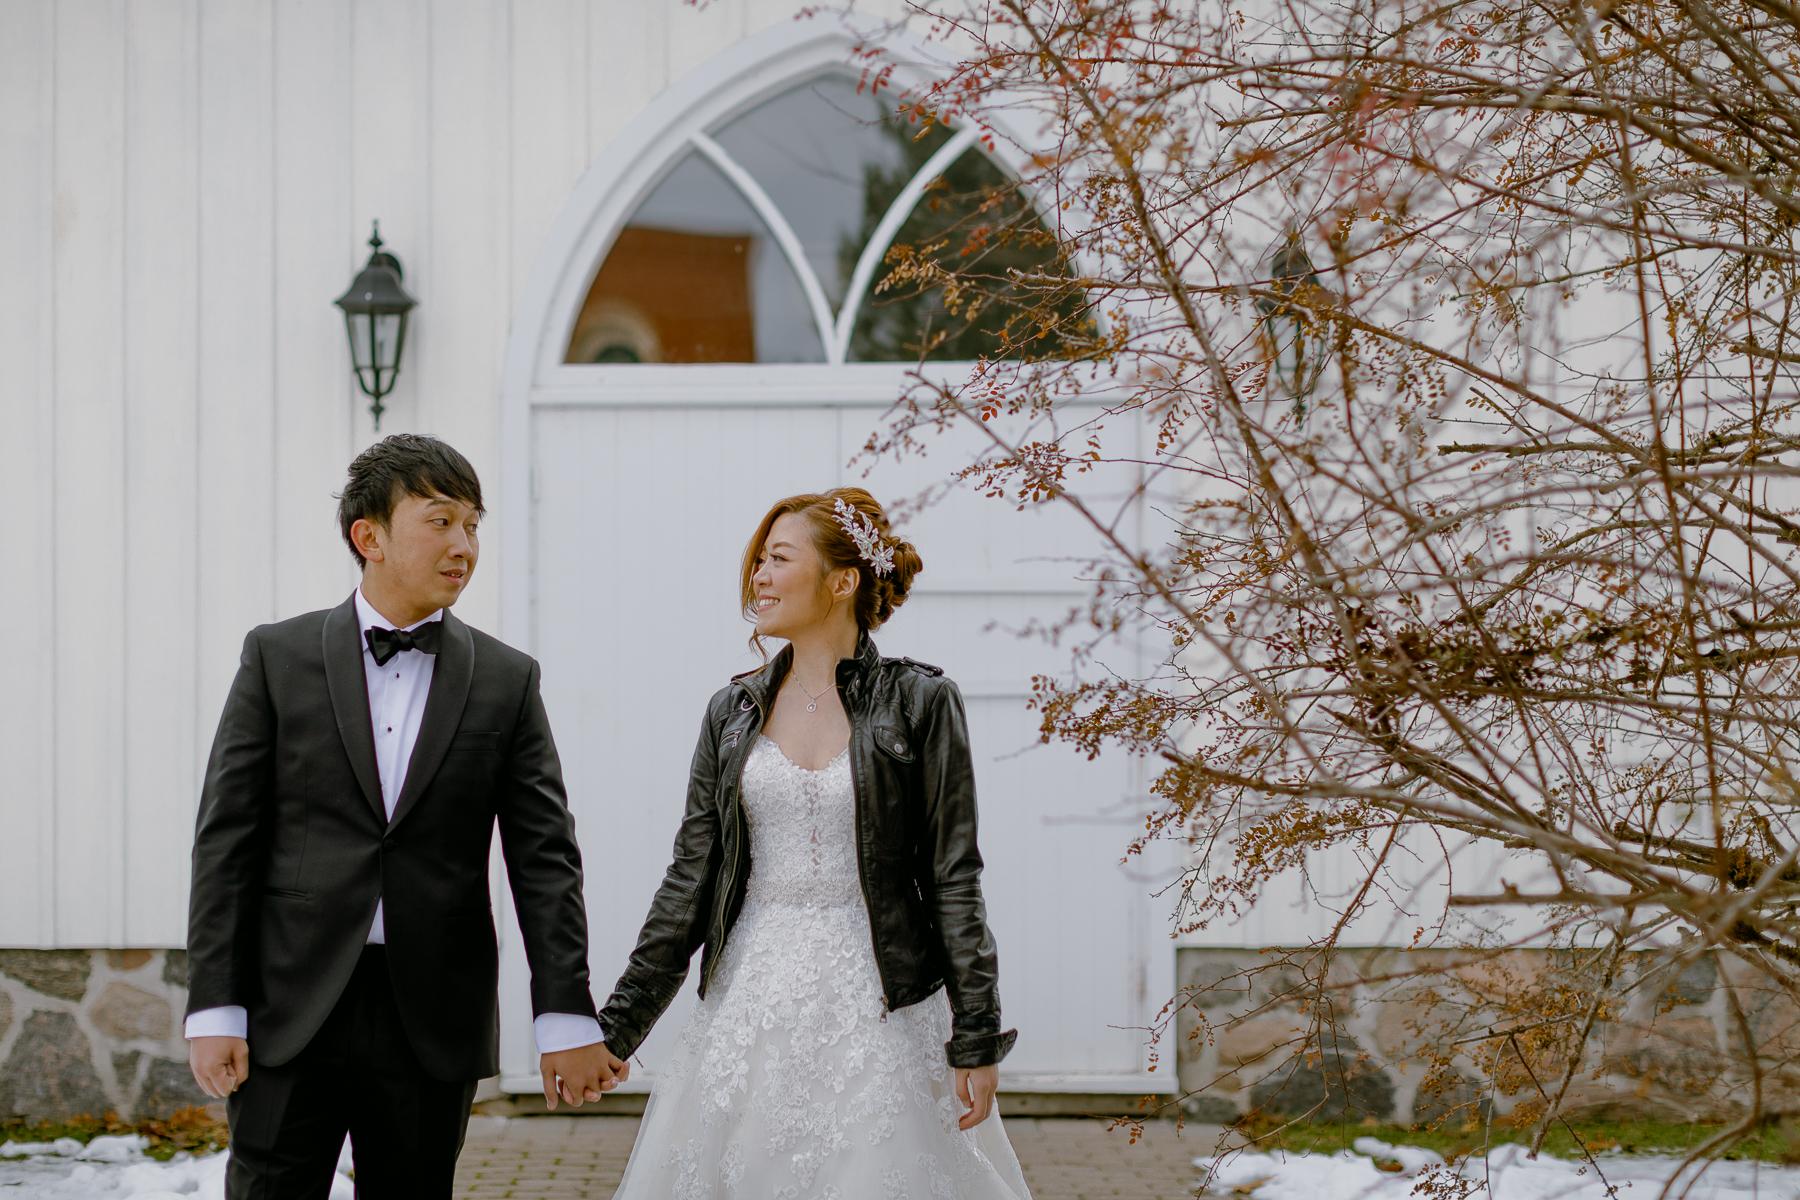 markham-wedding-photography-markham-museum-wedding 0018.jpg